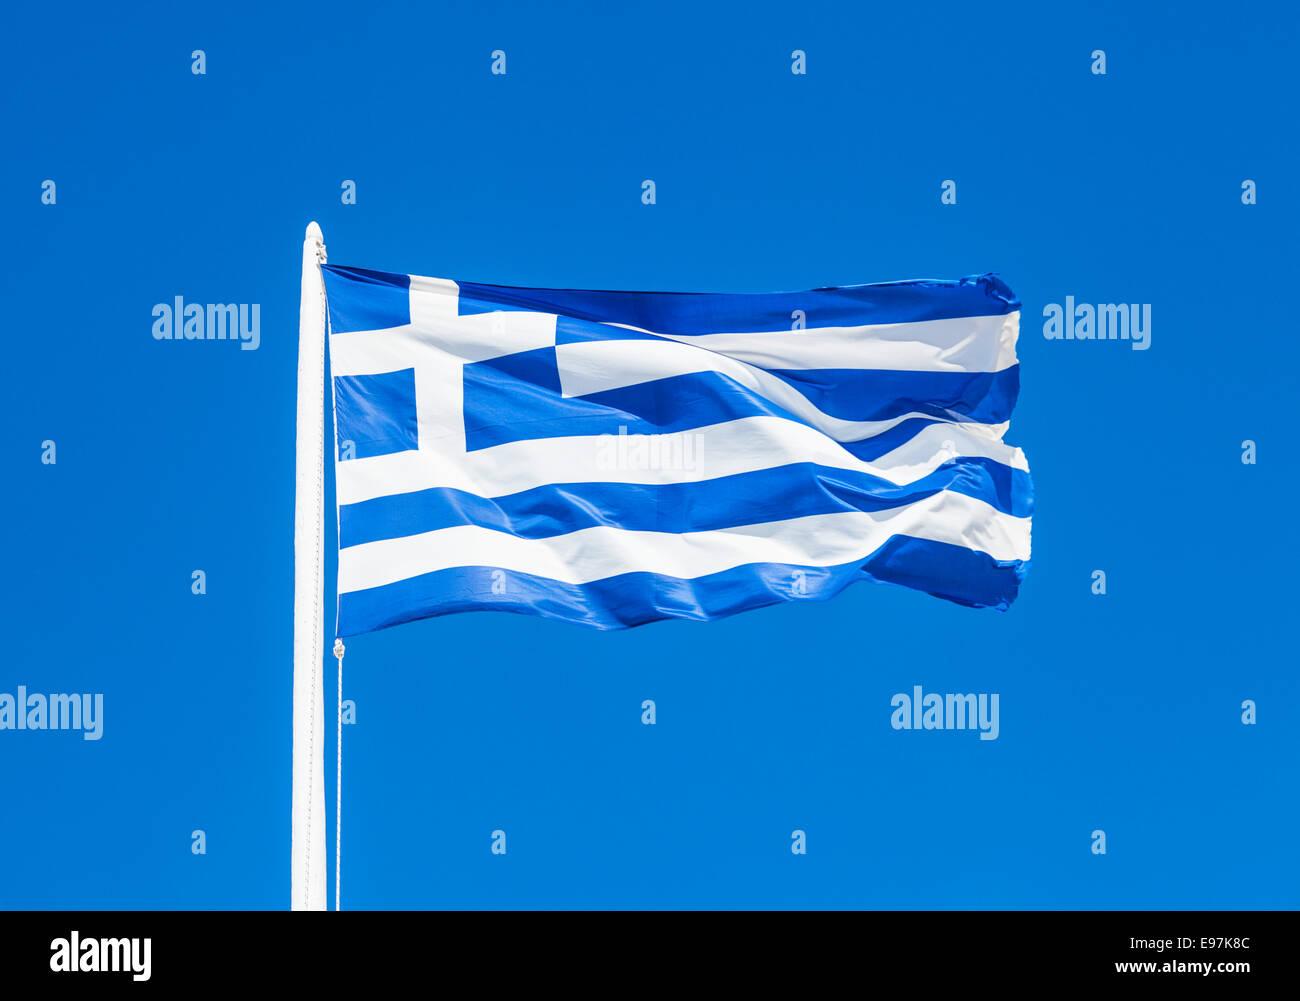 Bandiera Greca contro il cielo blu Immagini Stock